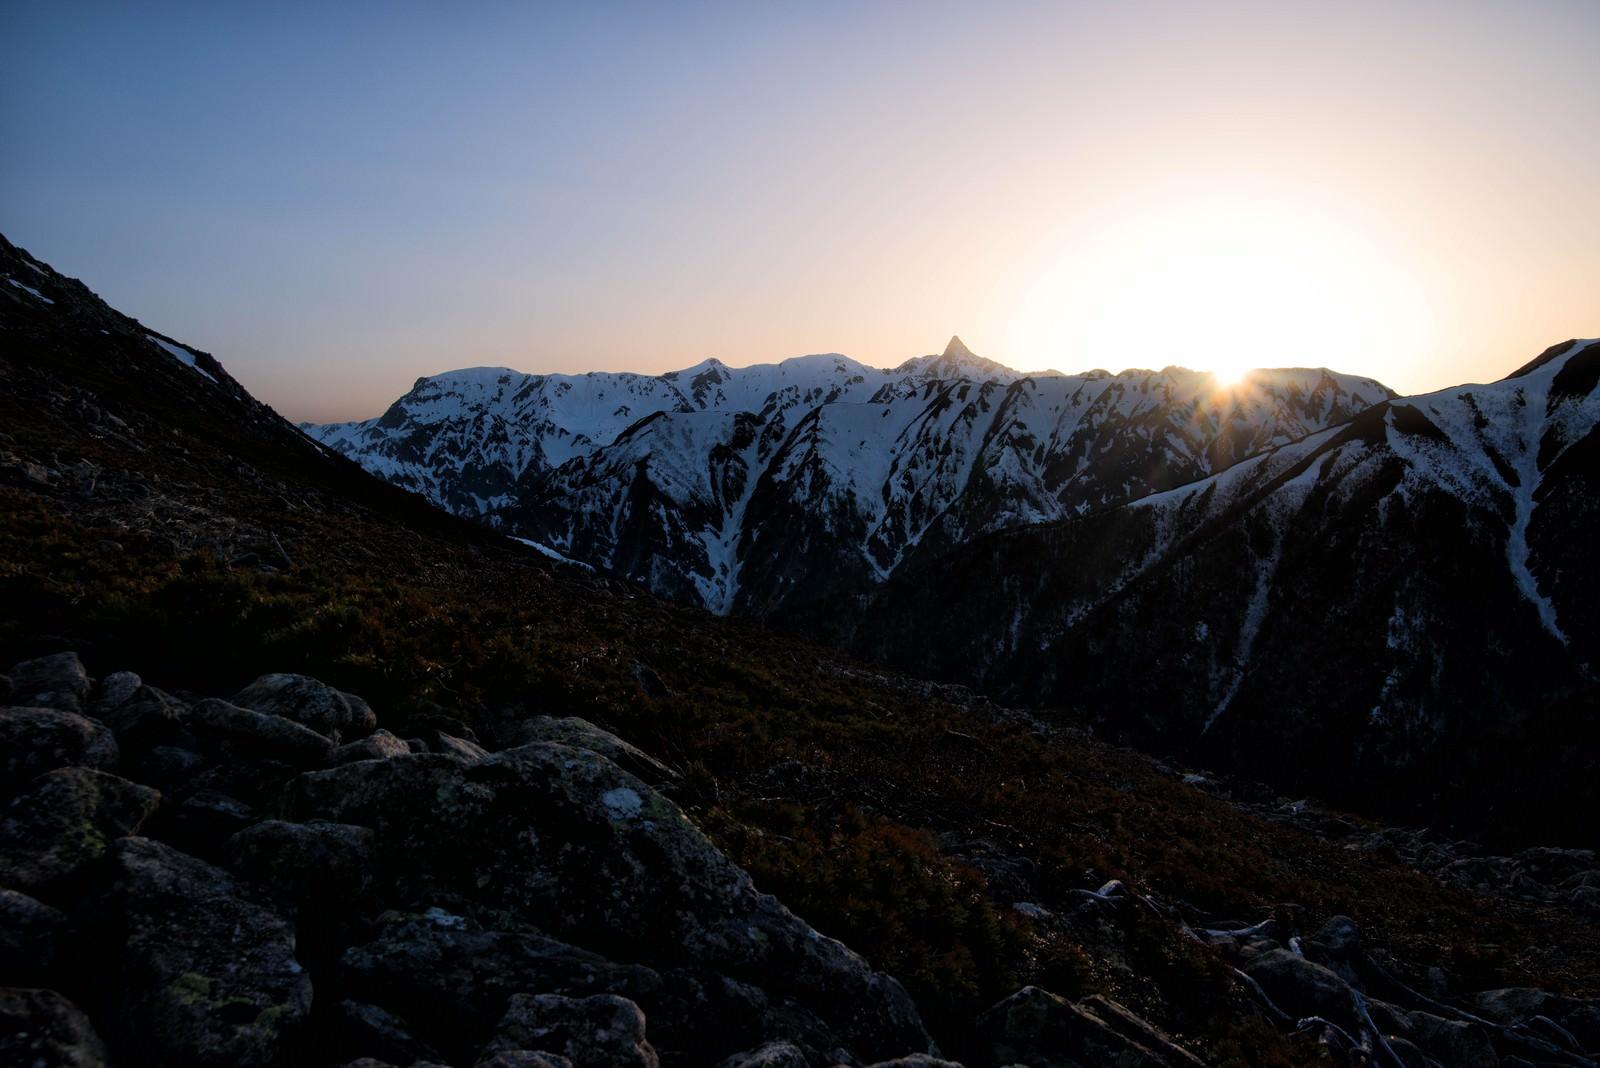 「飛騨山脈に沈み行く太陽」の写真